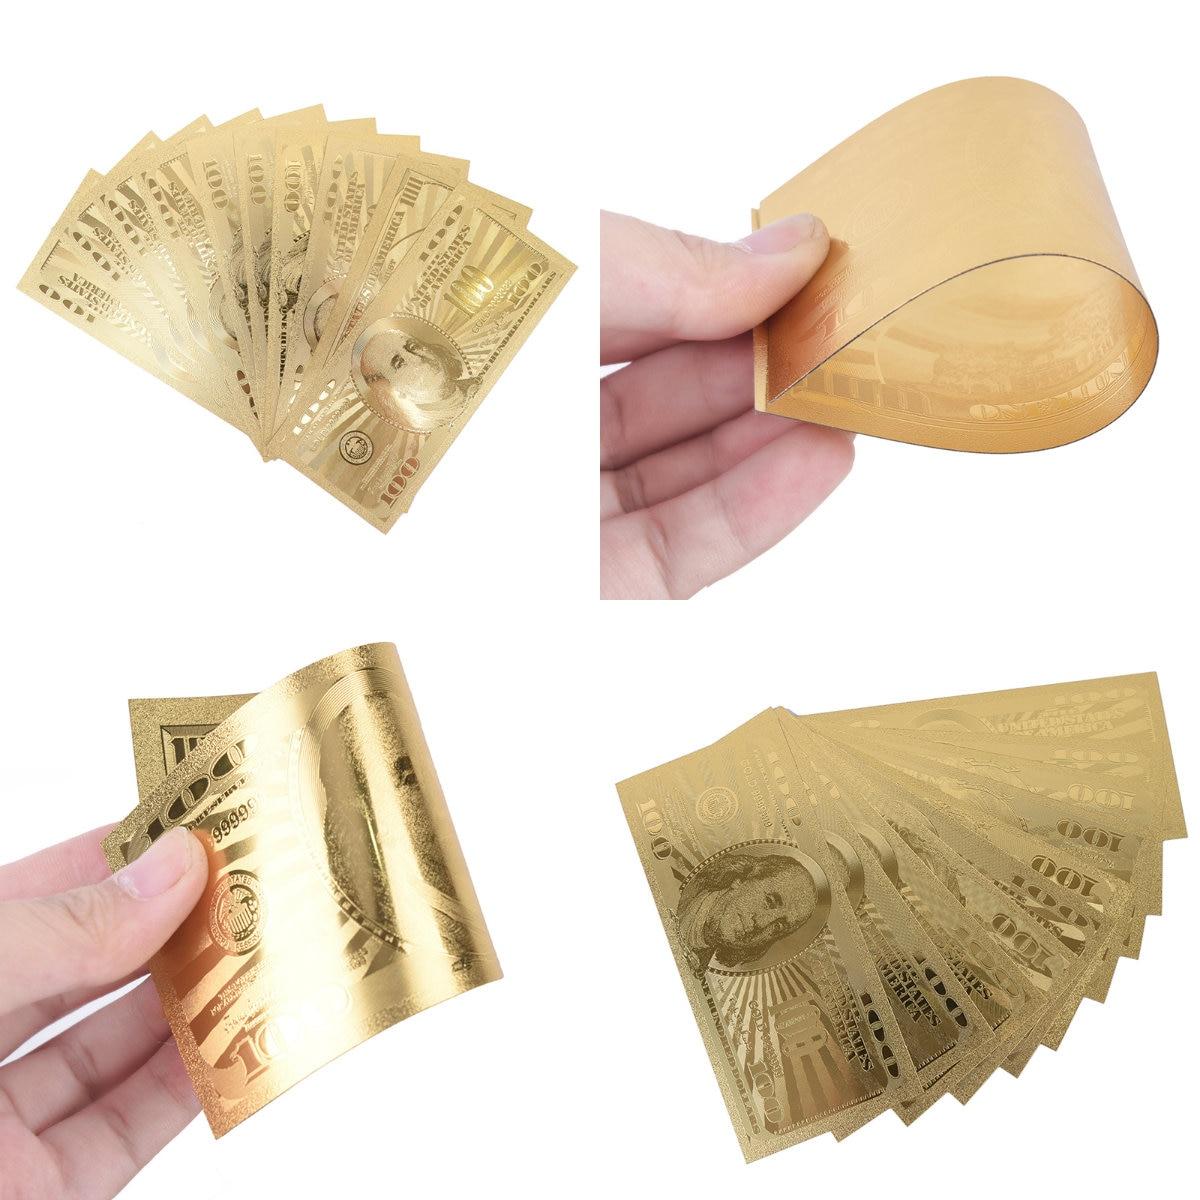 10 unids/lote de oro conmemorativa, billetes de 100 dólares estadounidenses, billete de dinero falso, medalla de moneda de papel 24k Estados Unidos de América